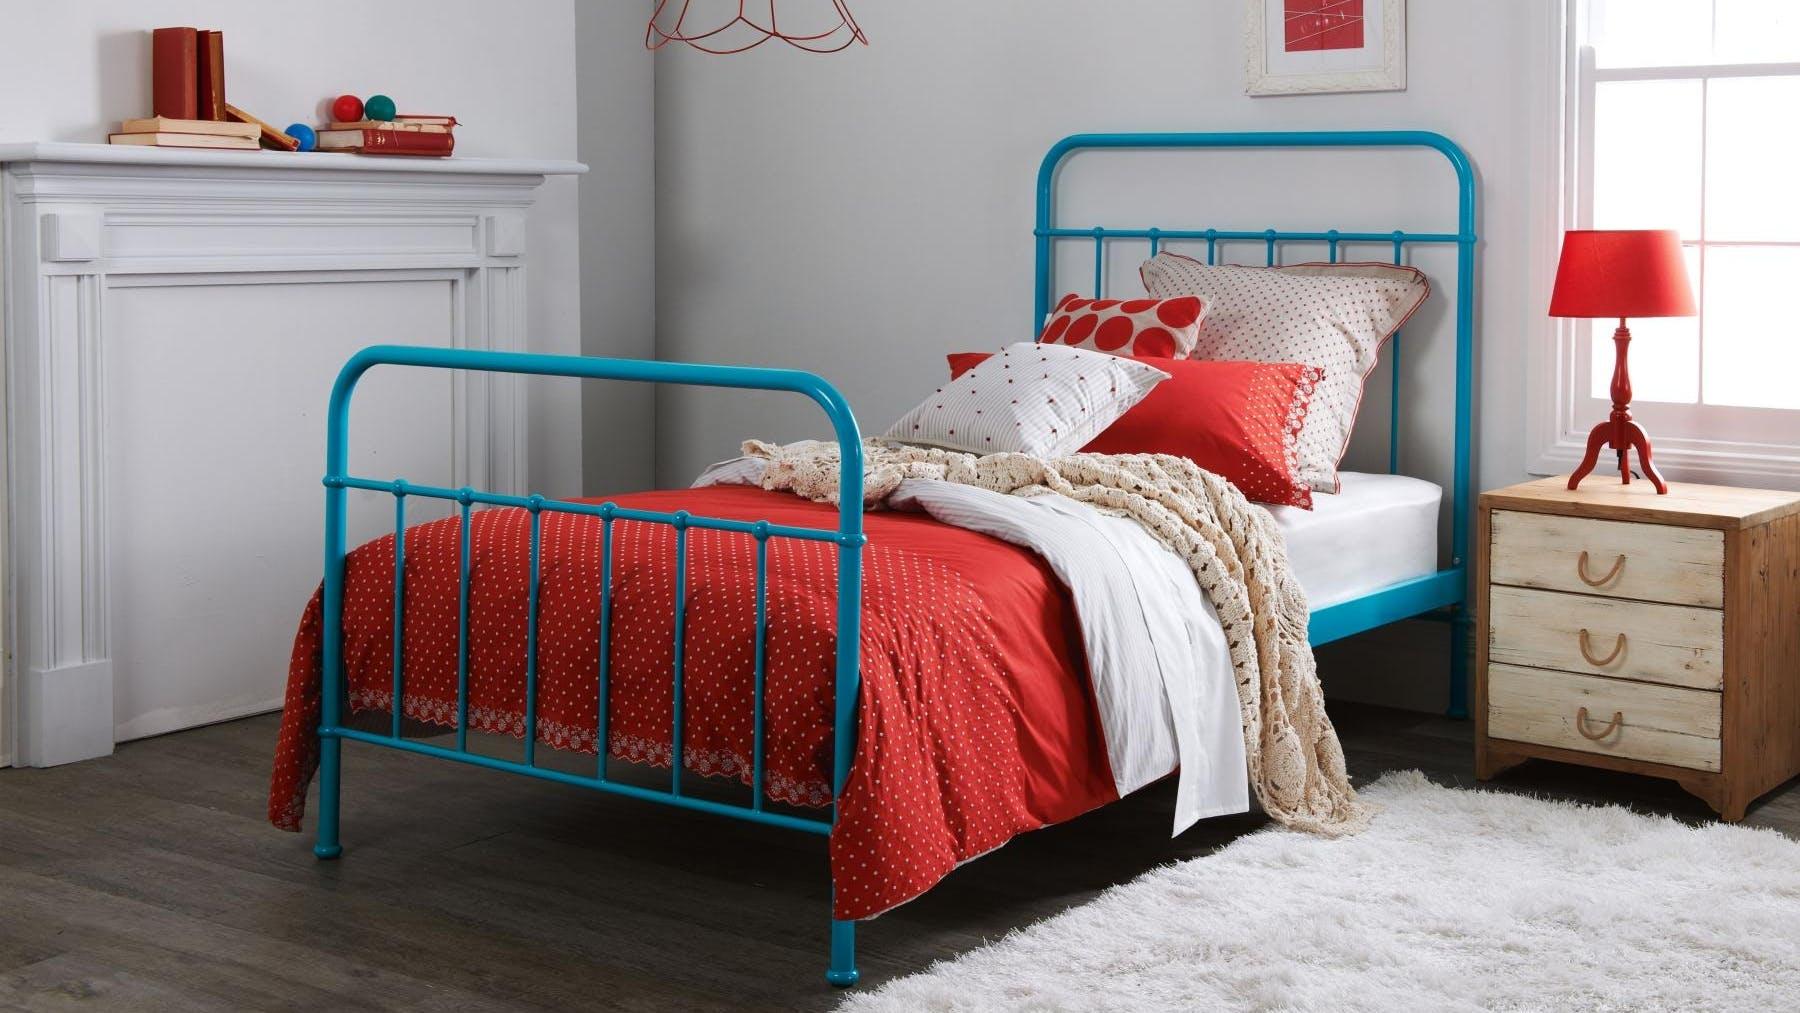 Sunday Kids Bed Frame - Teal Blue | Domayne